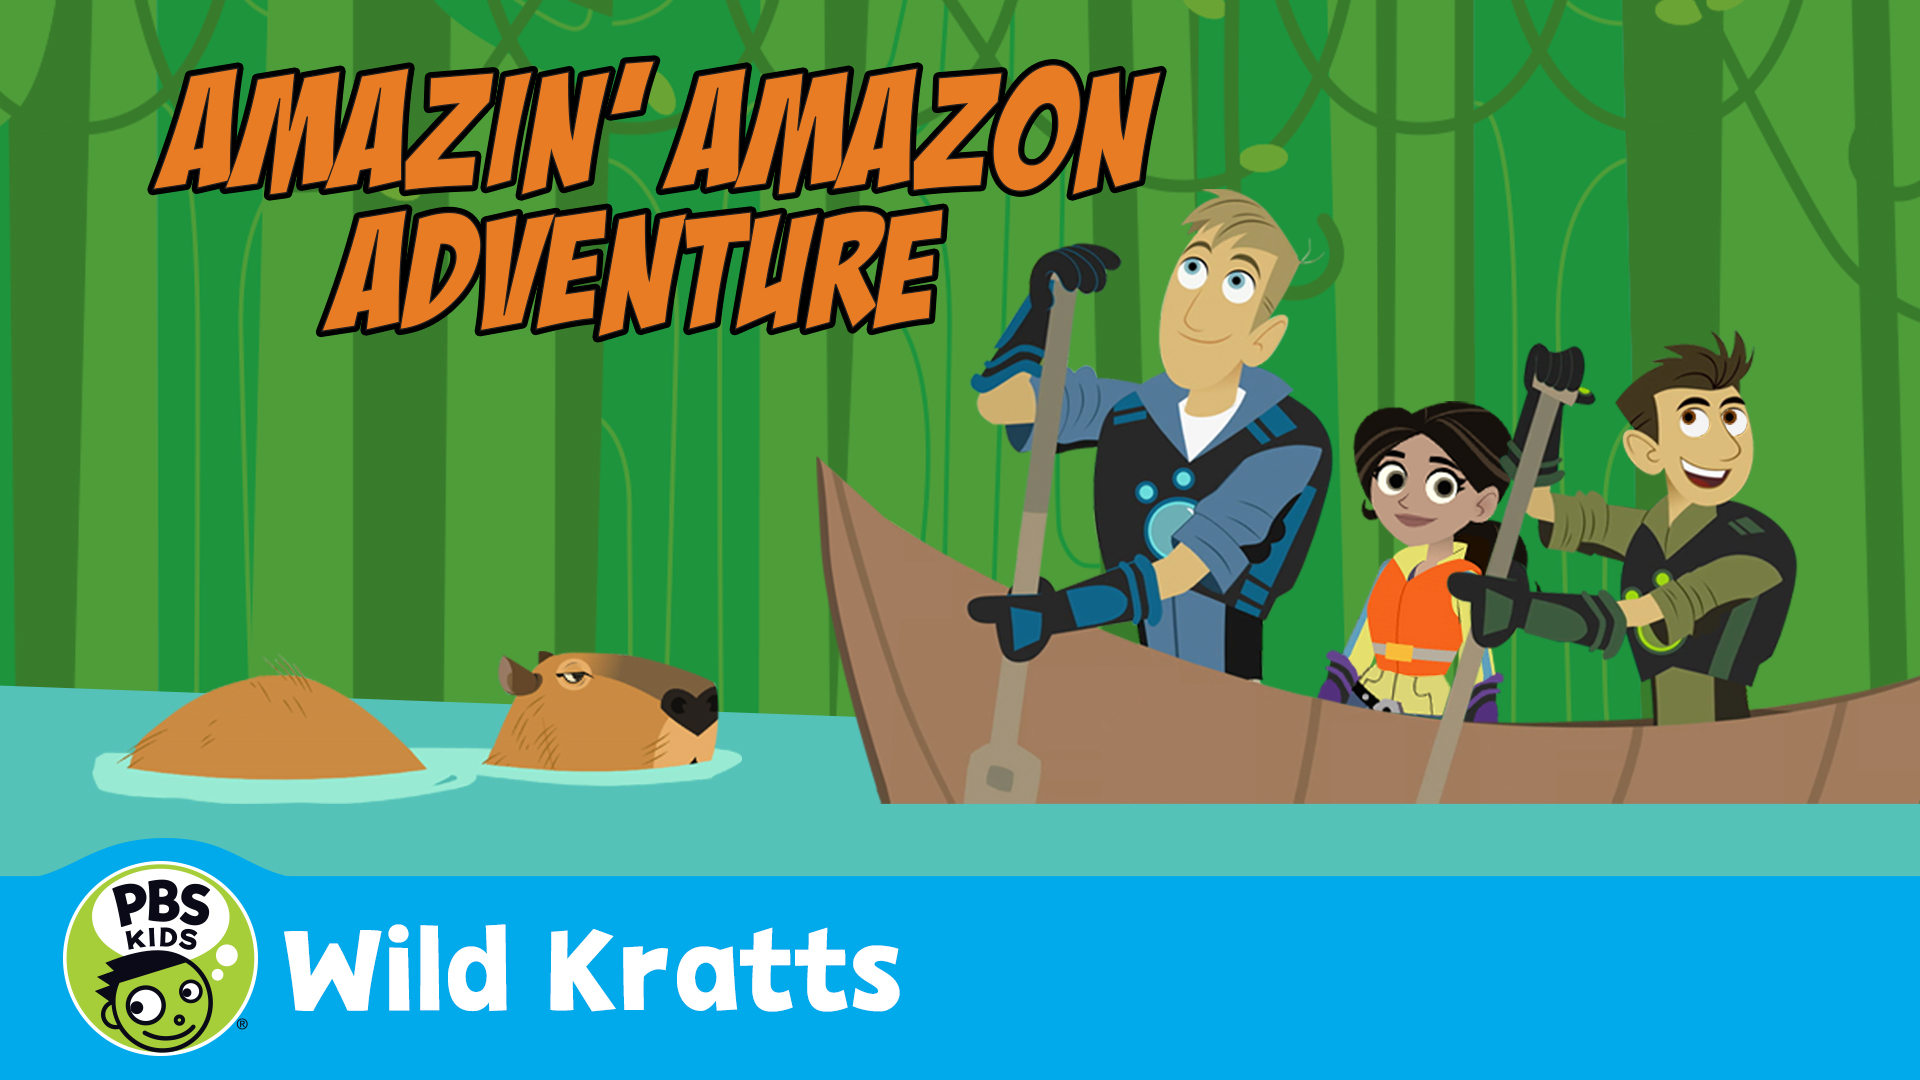 Wild Kratts: Amazin' Amazon Adventure